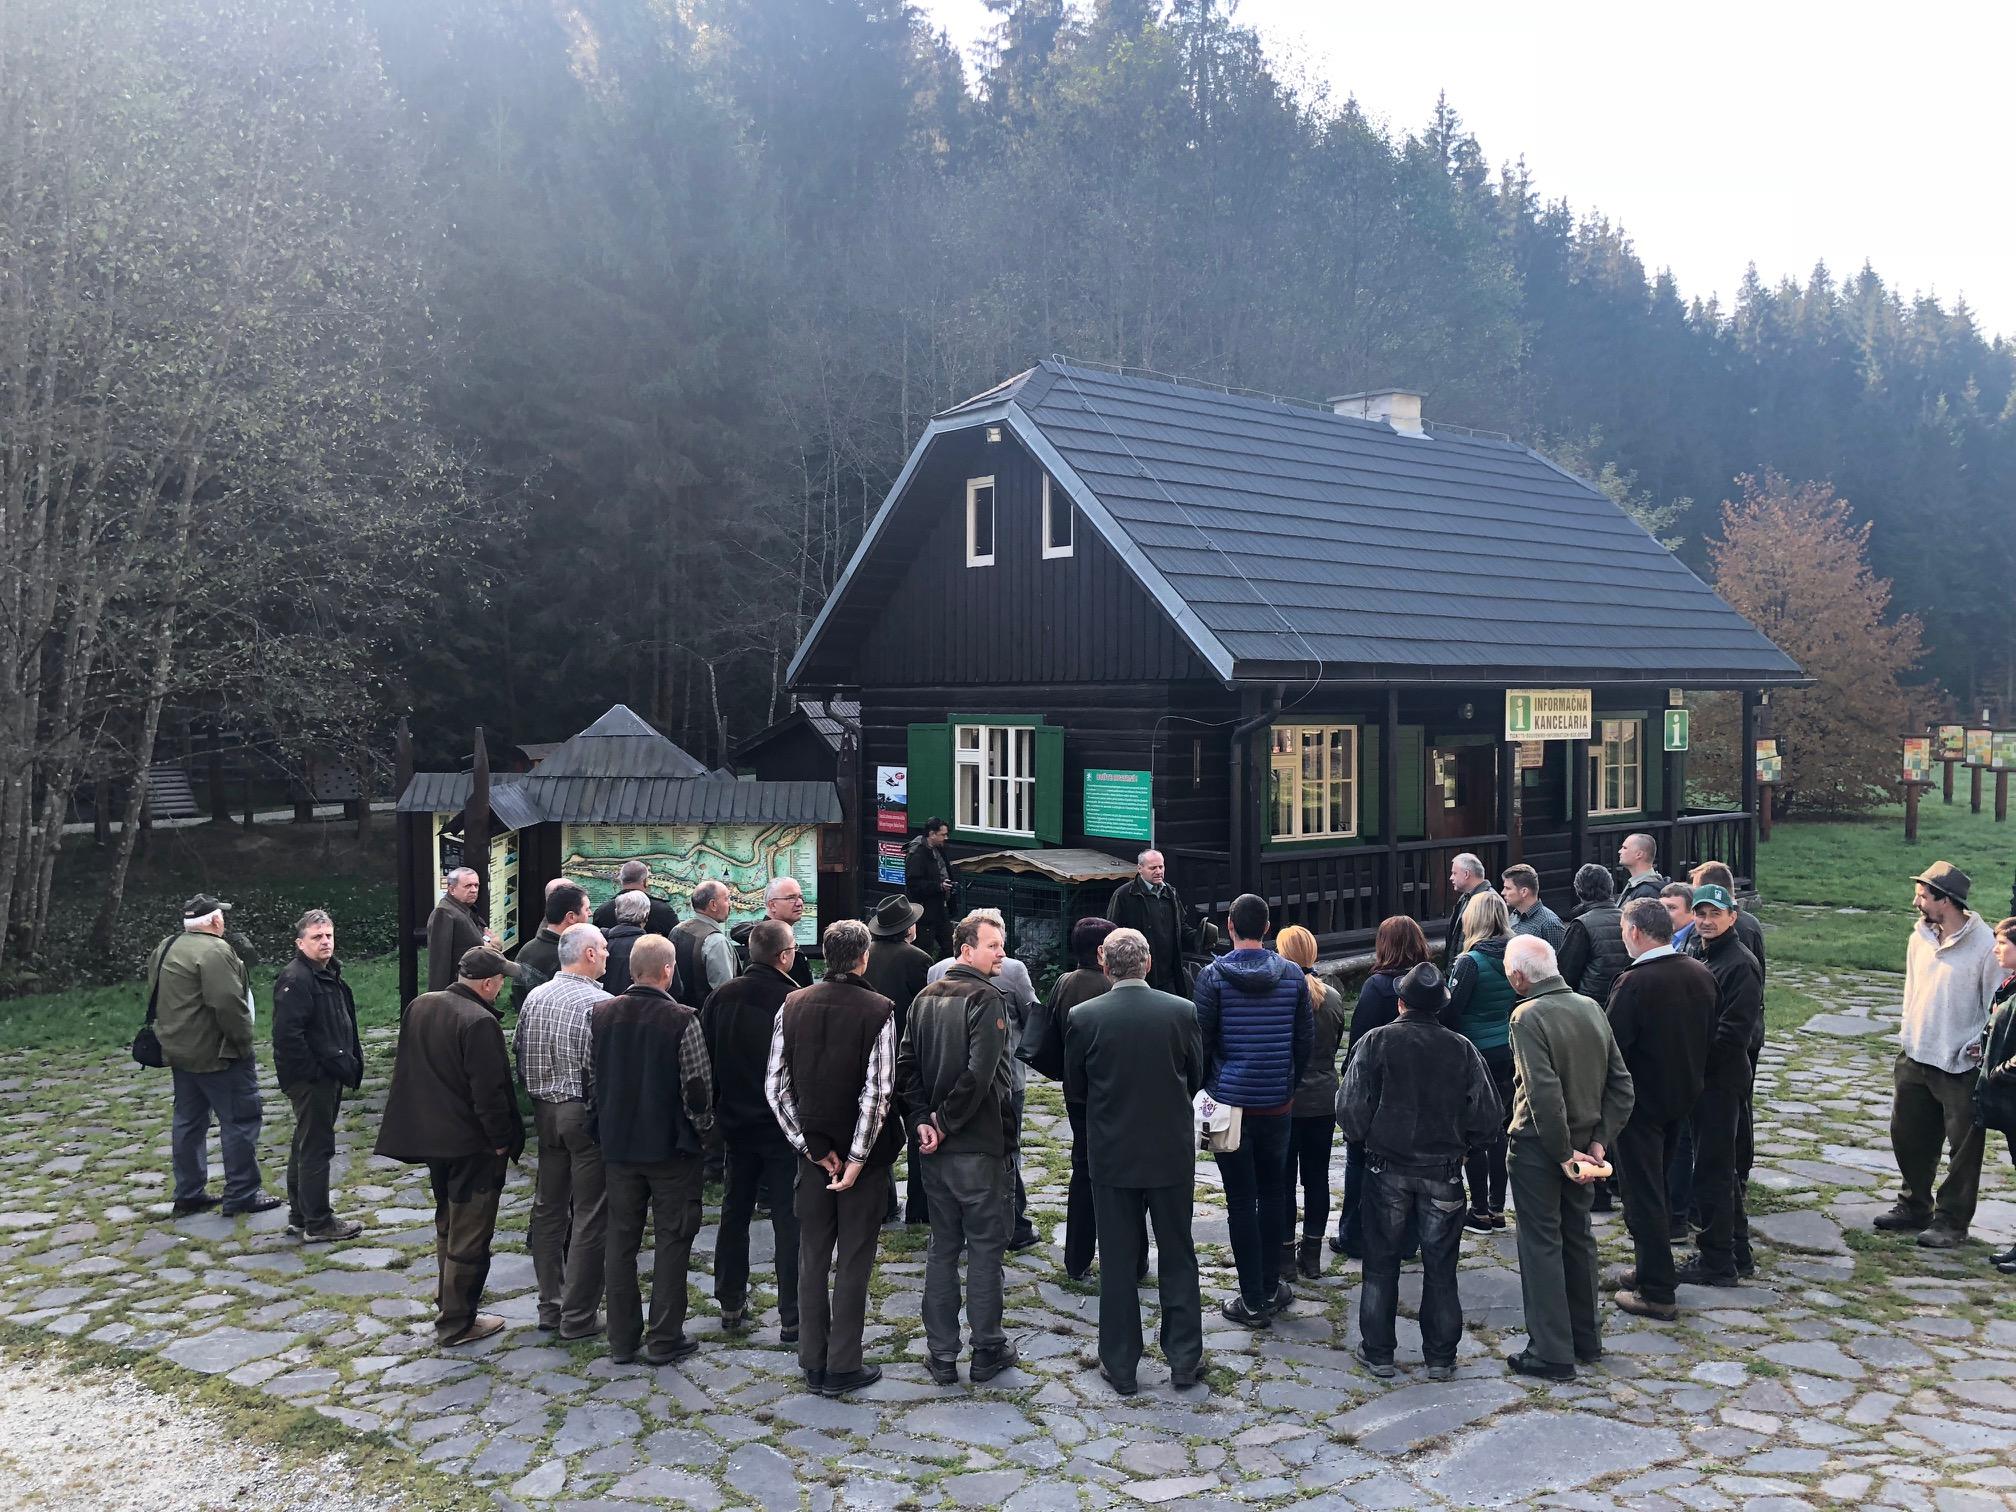 aec6517c2 Čeští a slovenští lesníci si připomněli 100 let od vzniku ...